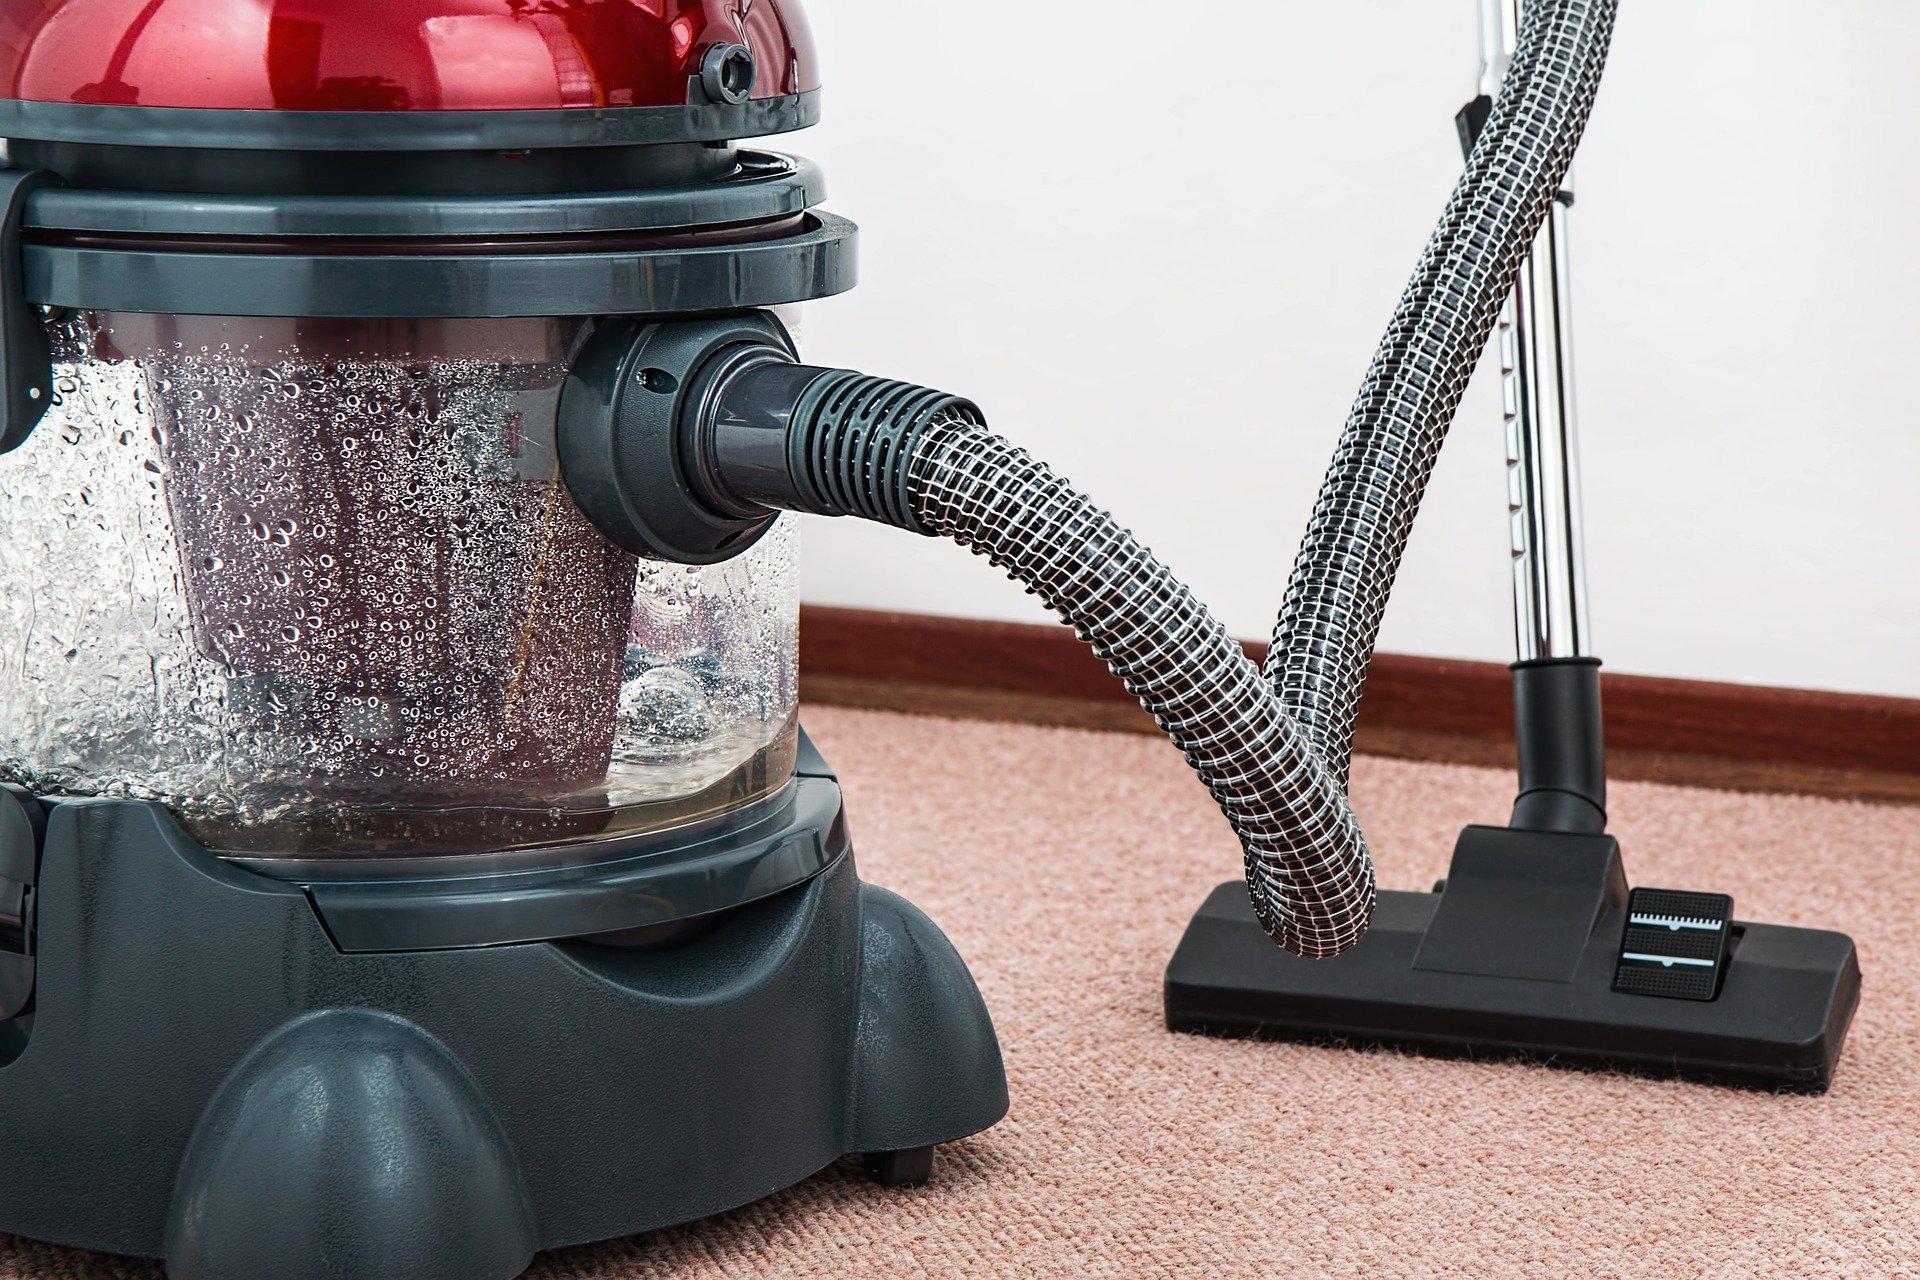 Foto de um aspirador de pó preto em cima de um tapete. Imagem ilustrativa para o texto como limpar carpete de casa.